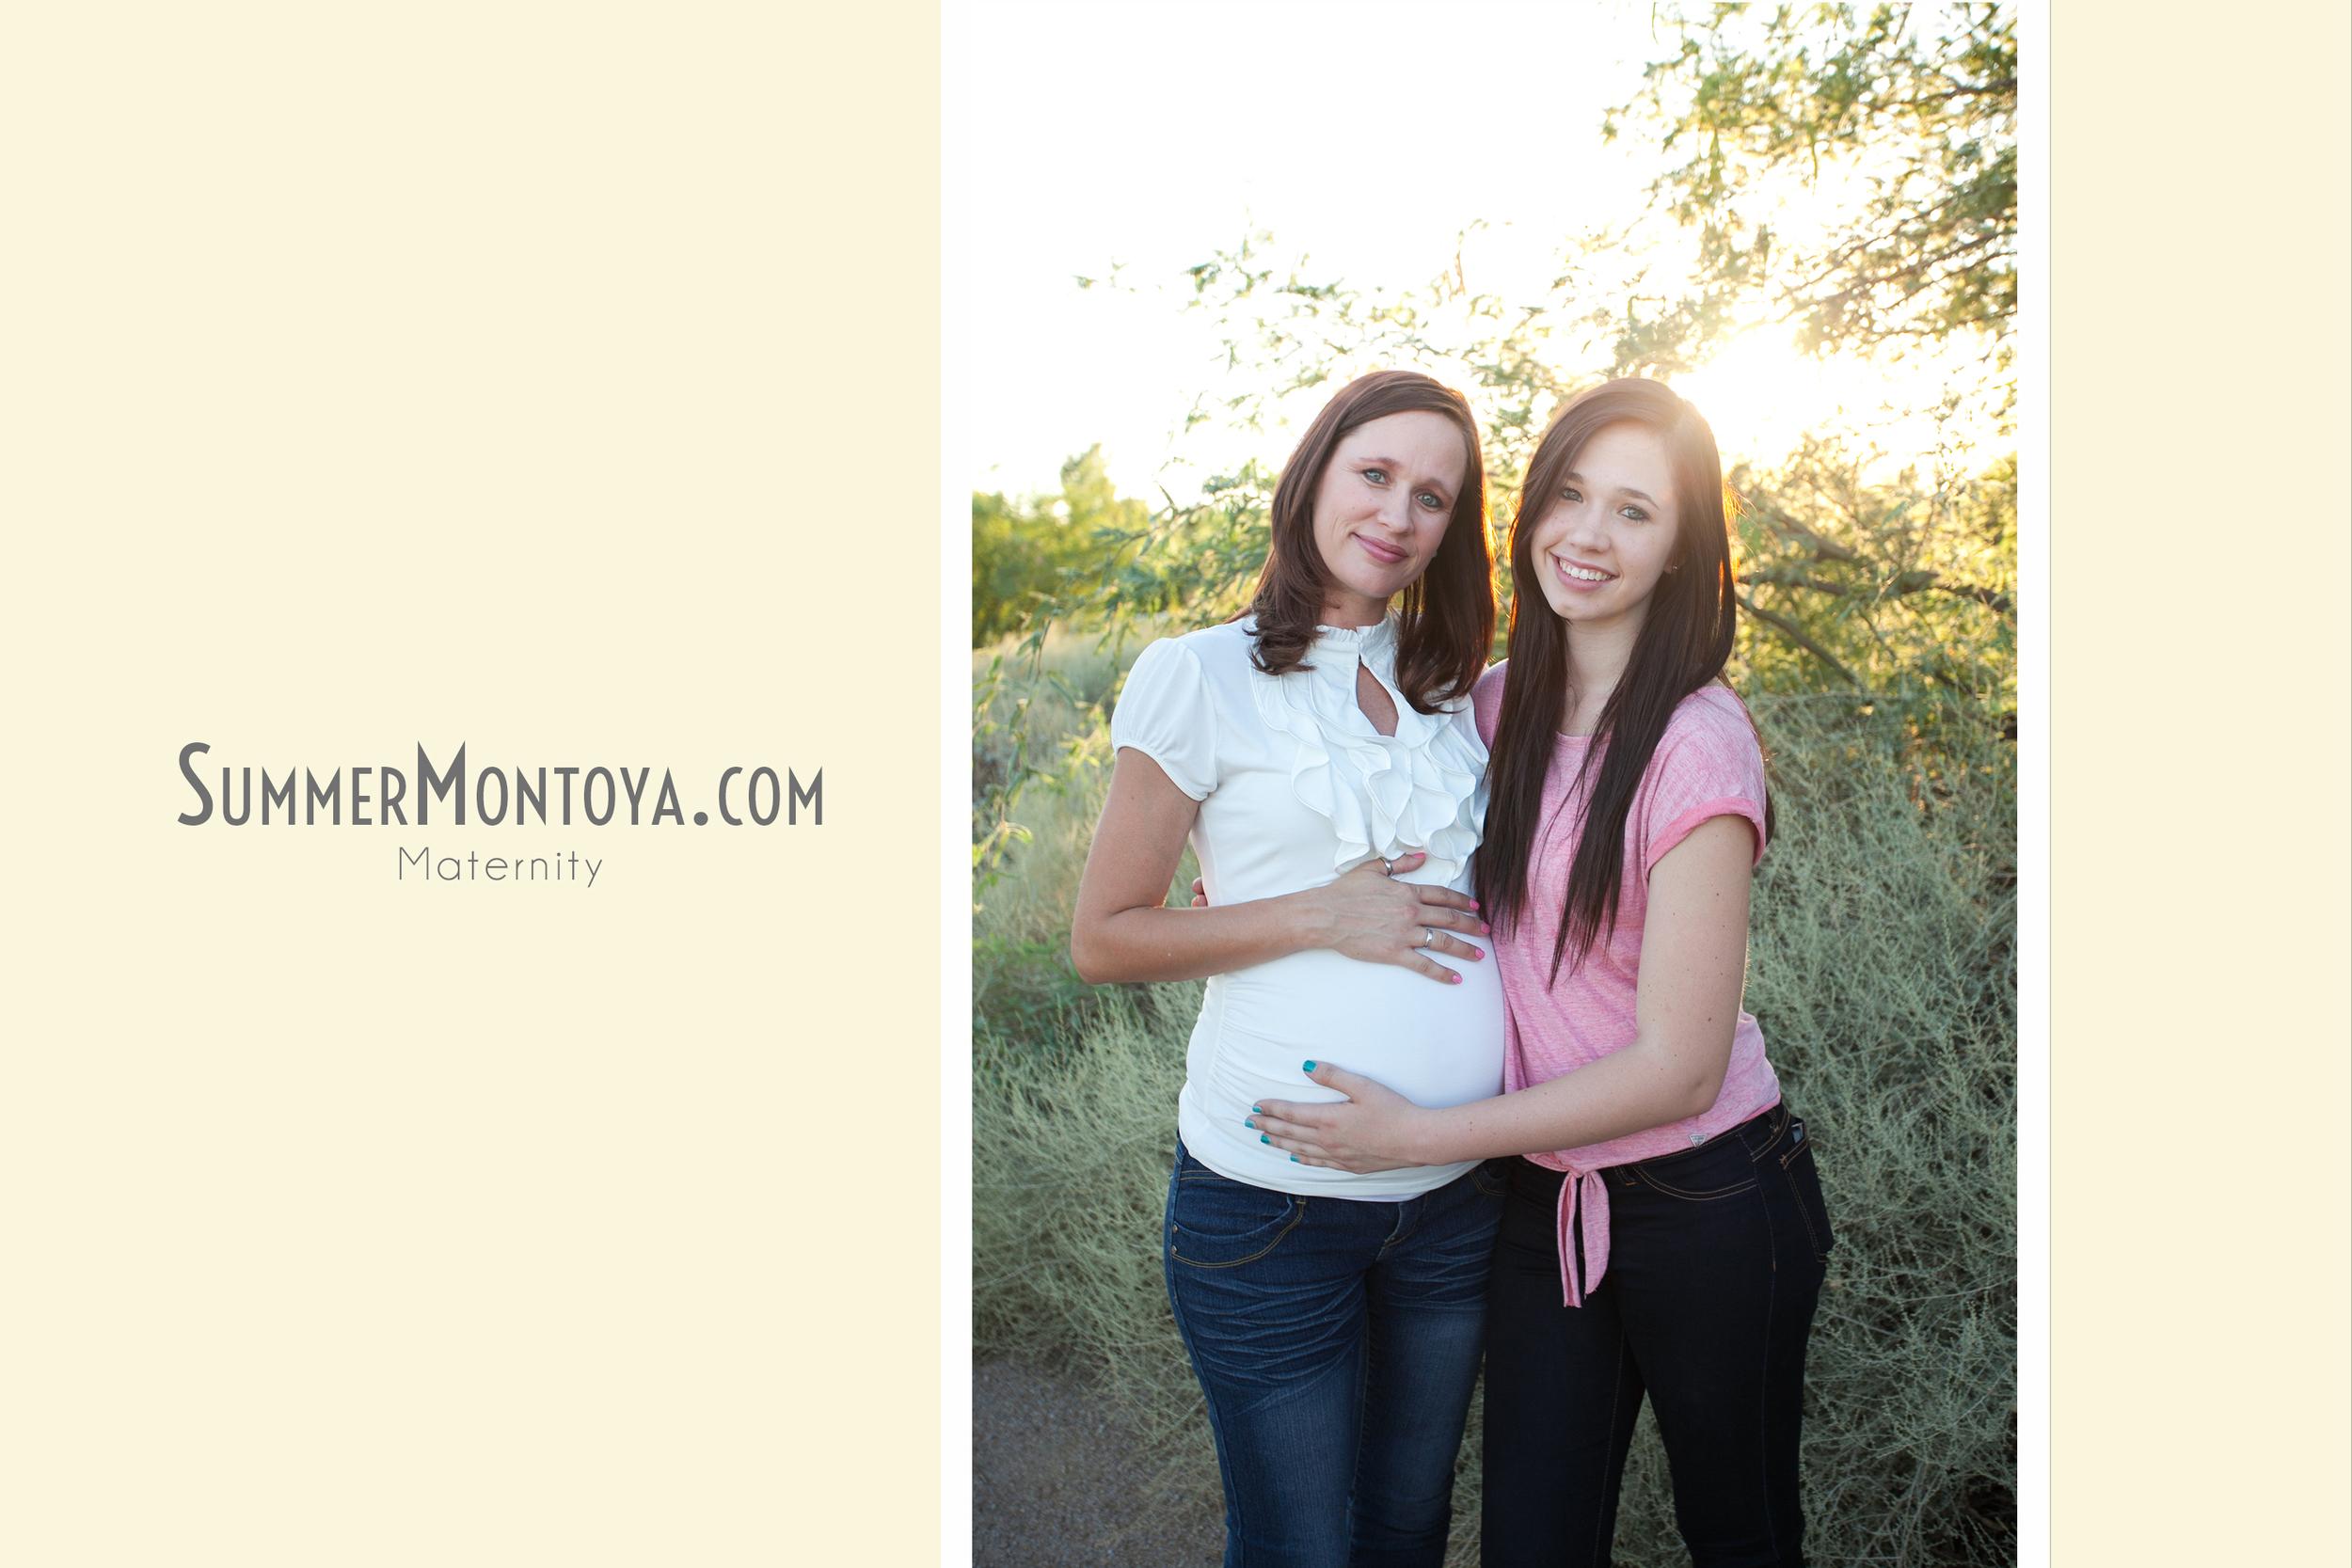 gilbert-maternity-photos-06